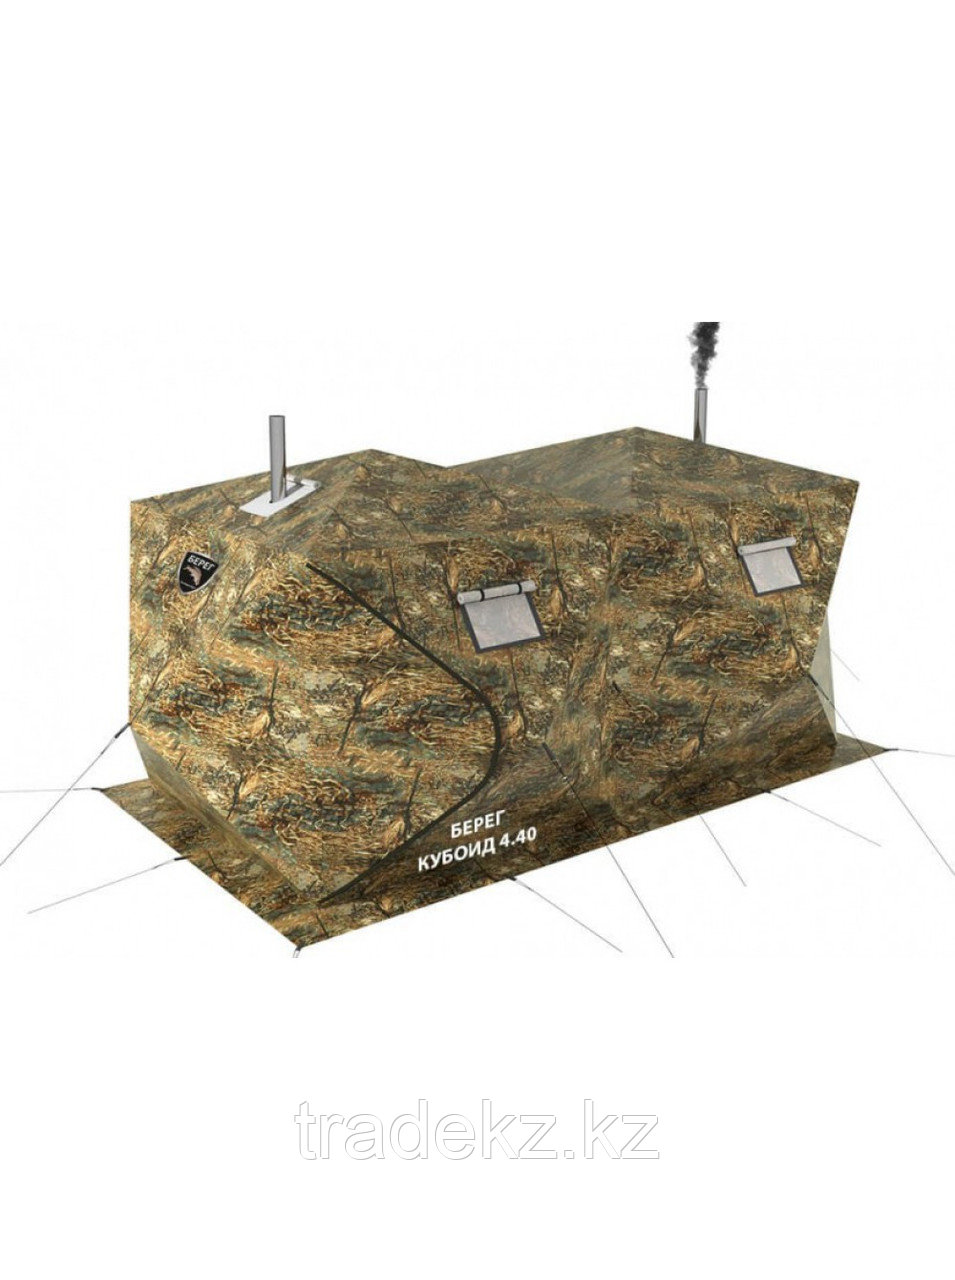 Палатка всесезонная Берег Кубоид 4.40 двухслойная, непромокаемый пол из ПВХ размер 4,4 x 2.2 x 1.9 м